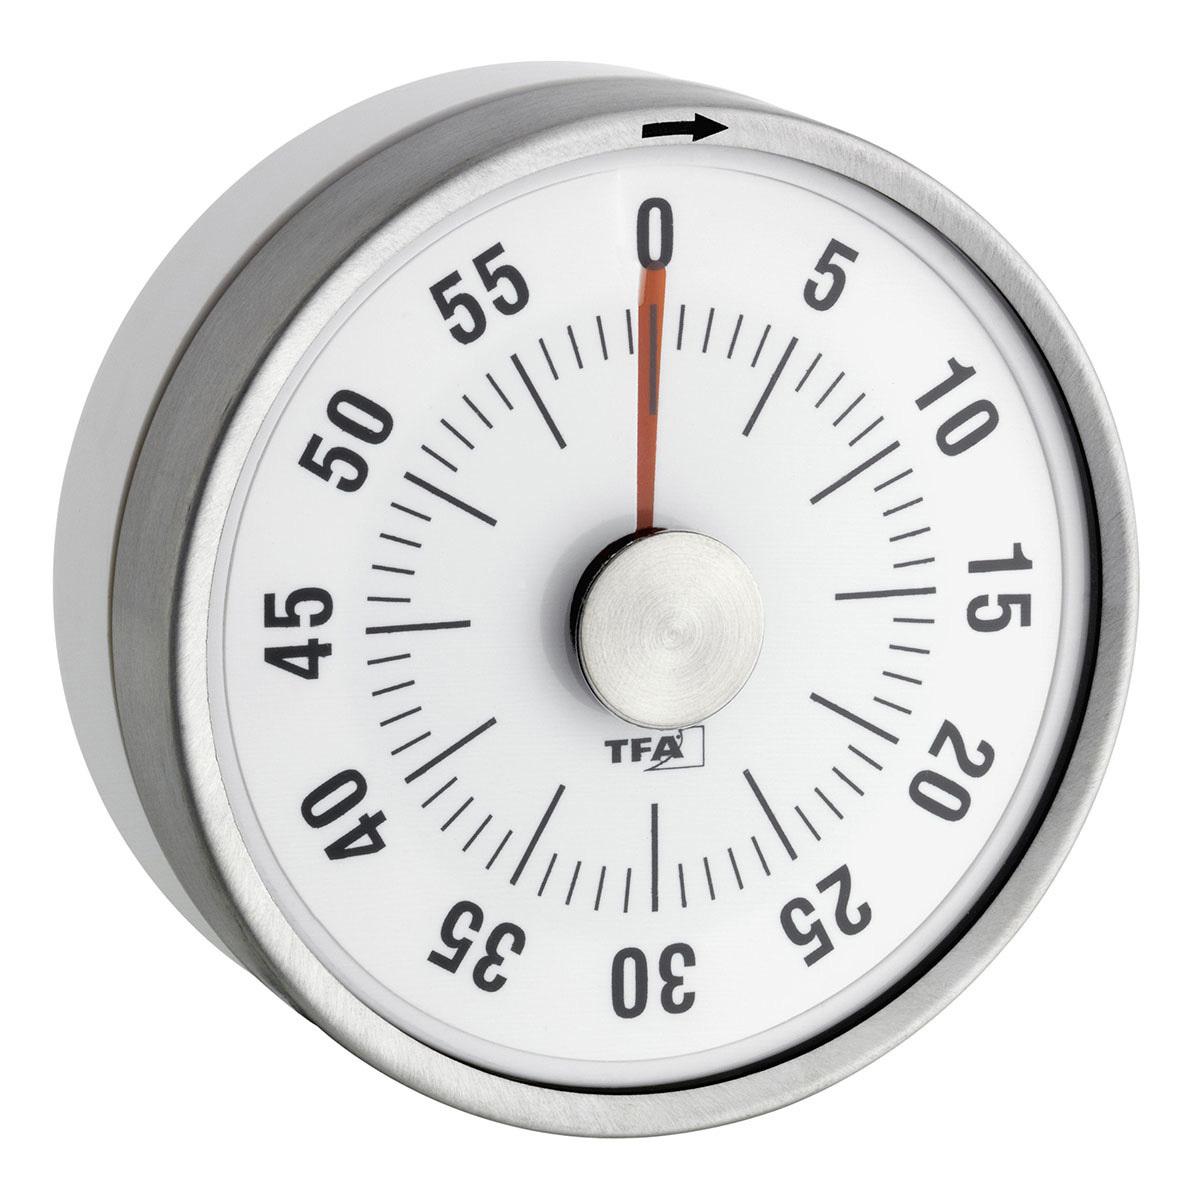 38-1028-02-küchen-timer-puck-1200x1200px.jpg